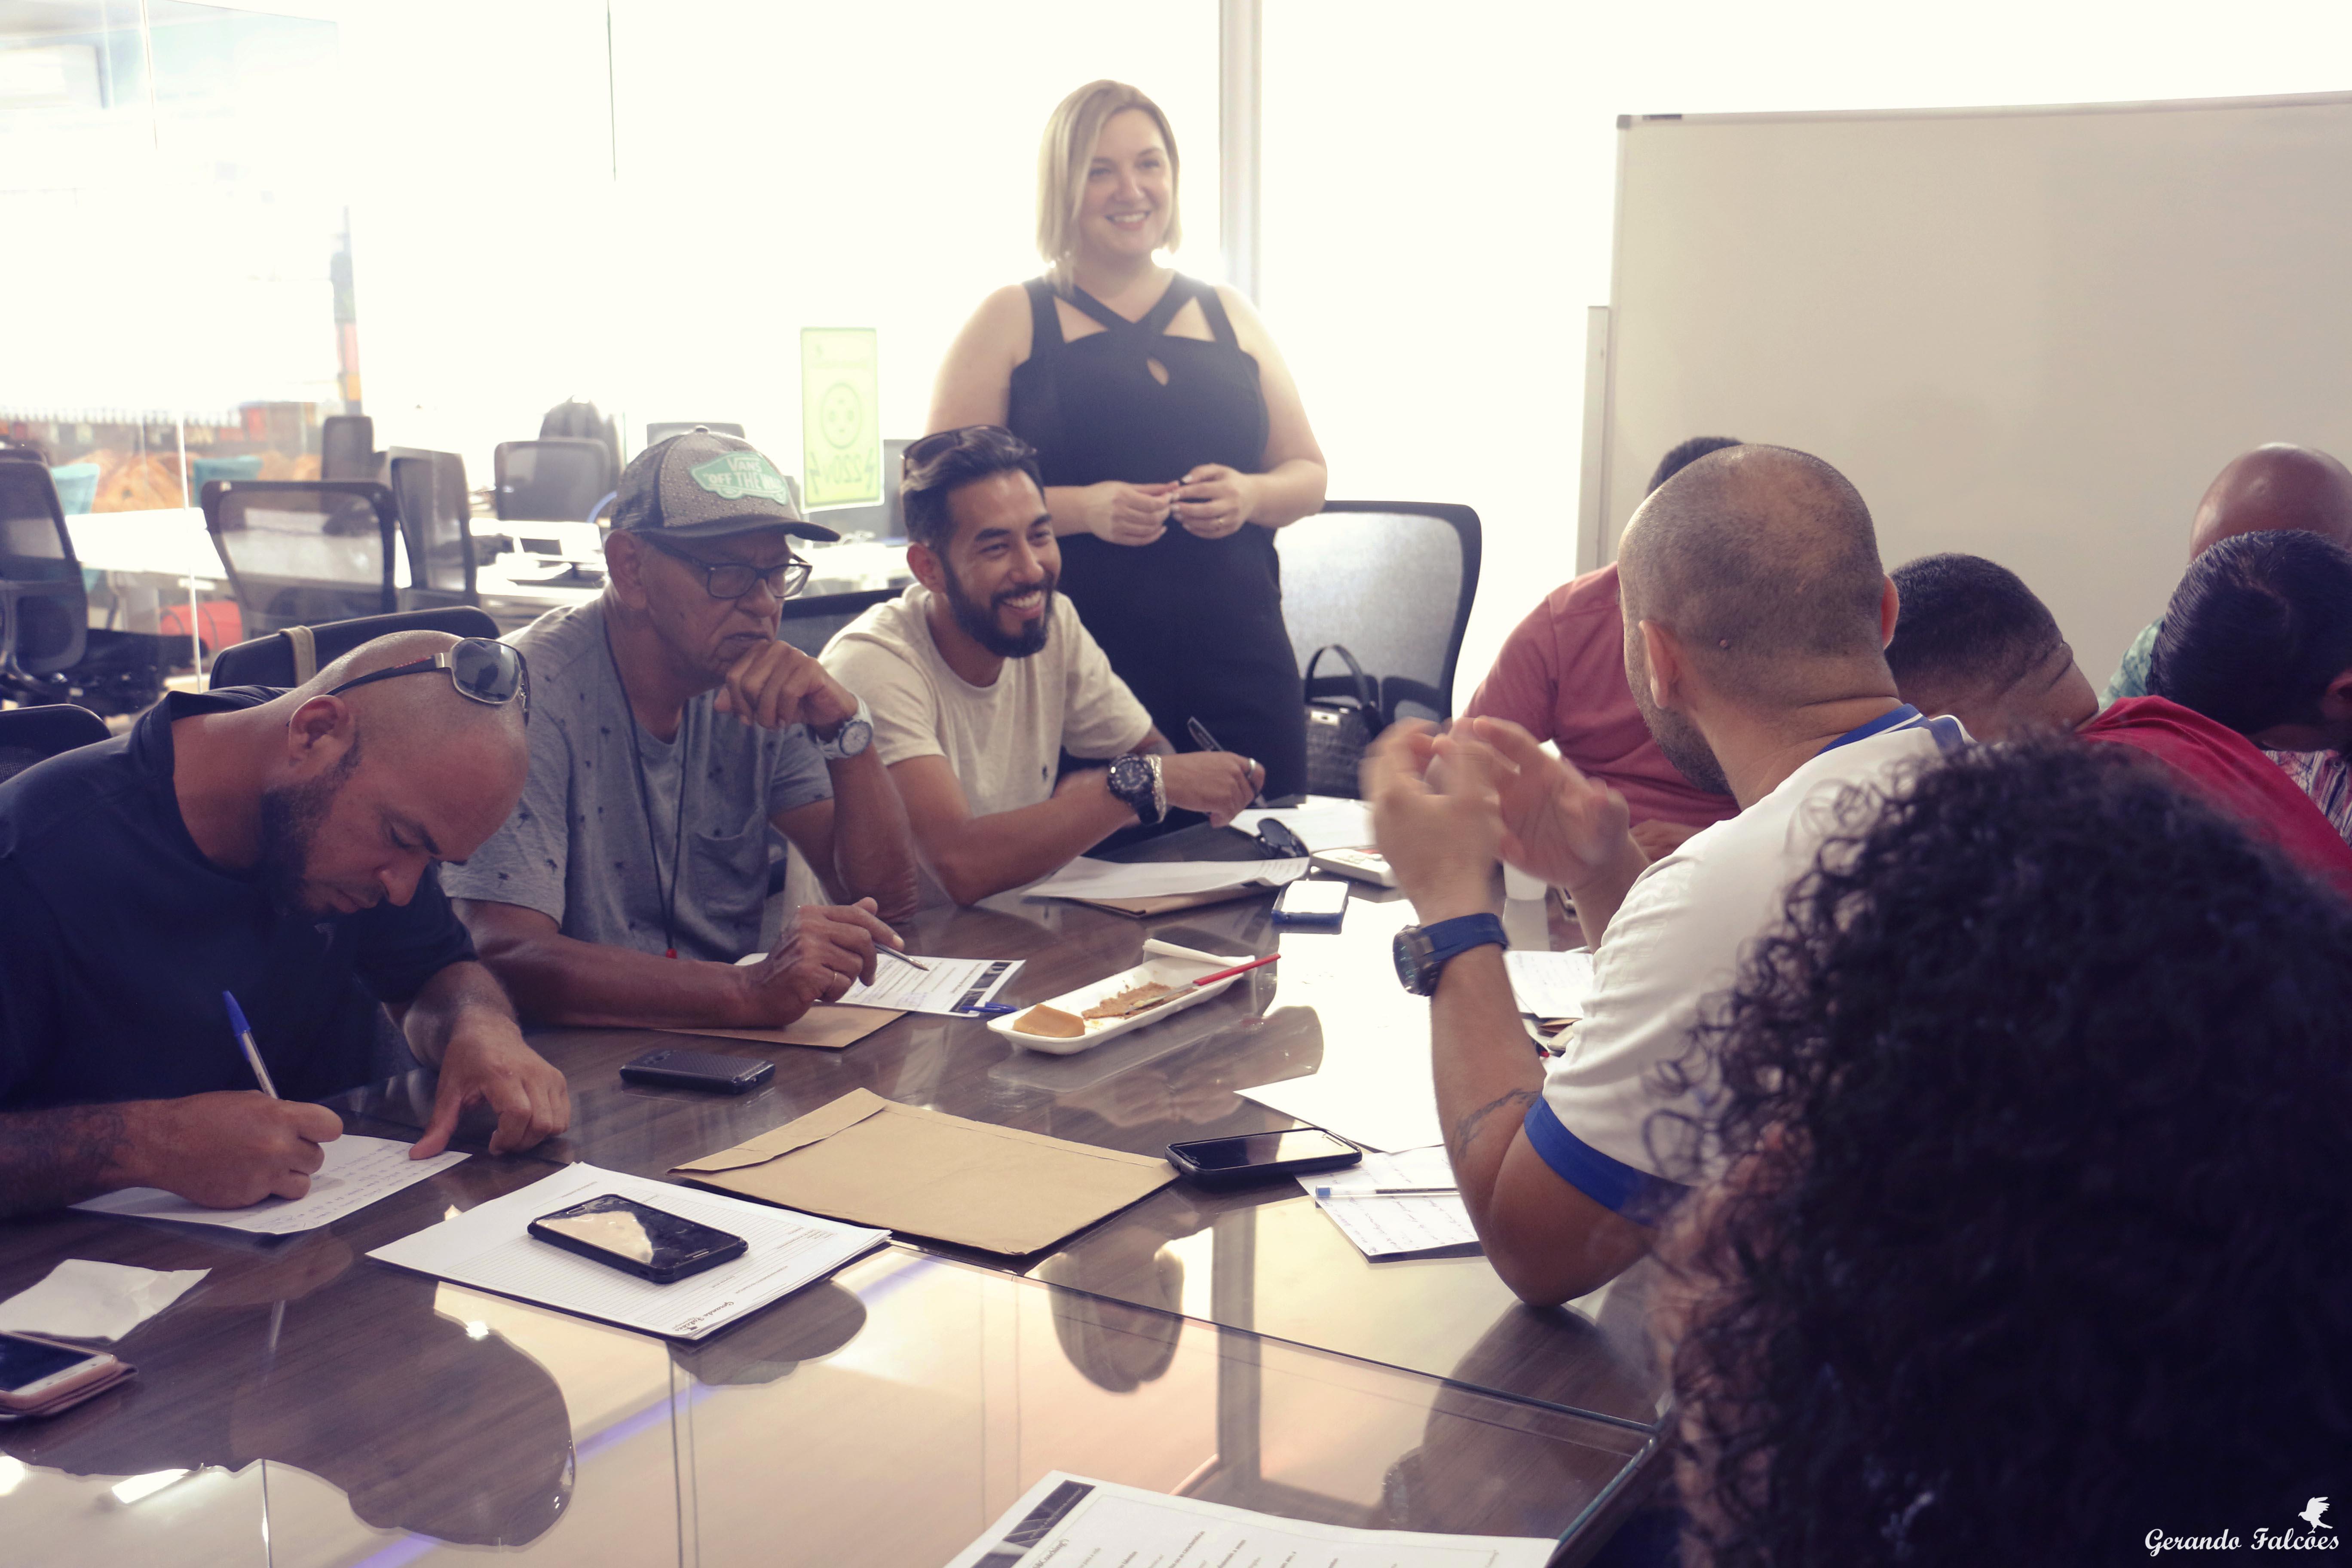 Gerando Falcões Recomeçar BrazilFoundation São Paulo Reinserção social Filantropia